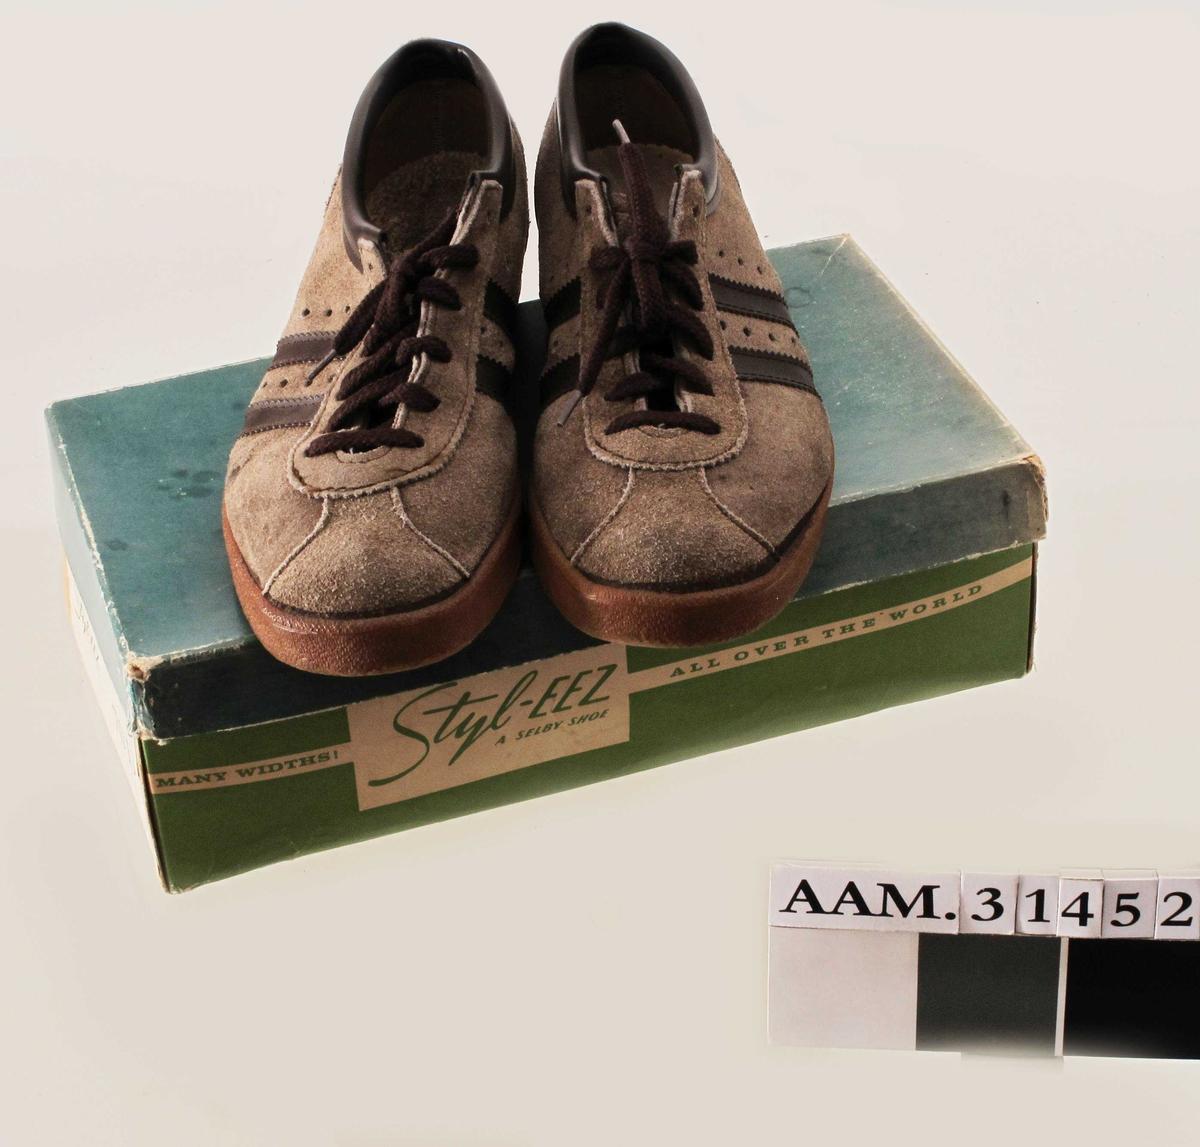 Brune joggesko, skoeske og skopose.  Skoene hører ikke sammen med eske og pose, men skoene kom inn i denne eska.  a) Lysebrune semskede joggesko med to mørkebrune skai striper, kant i mørkebrun skai og mørkebrune lisser.  Størresle 38.  Innlegg i hælen i venstre sko.  Pent brukt, men slitte såler.  b) Skoeske med lokk.  Grønn og ecru-farget eske og grønt lokk.  c)  Pose